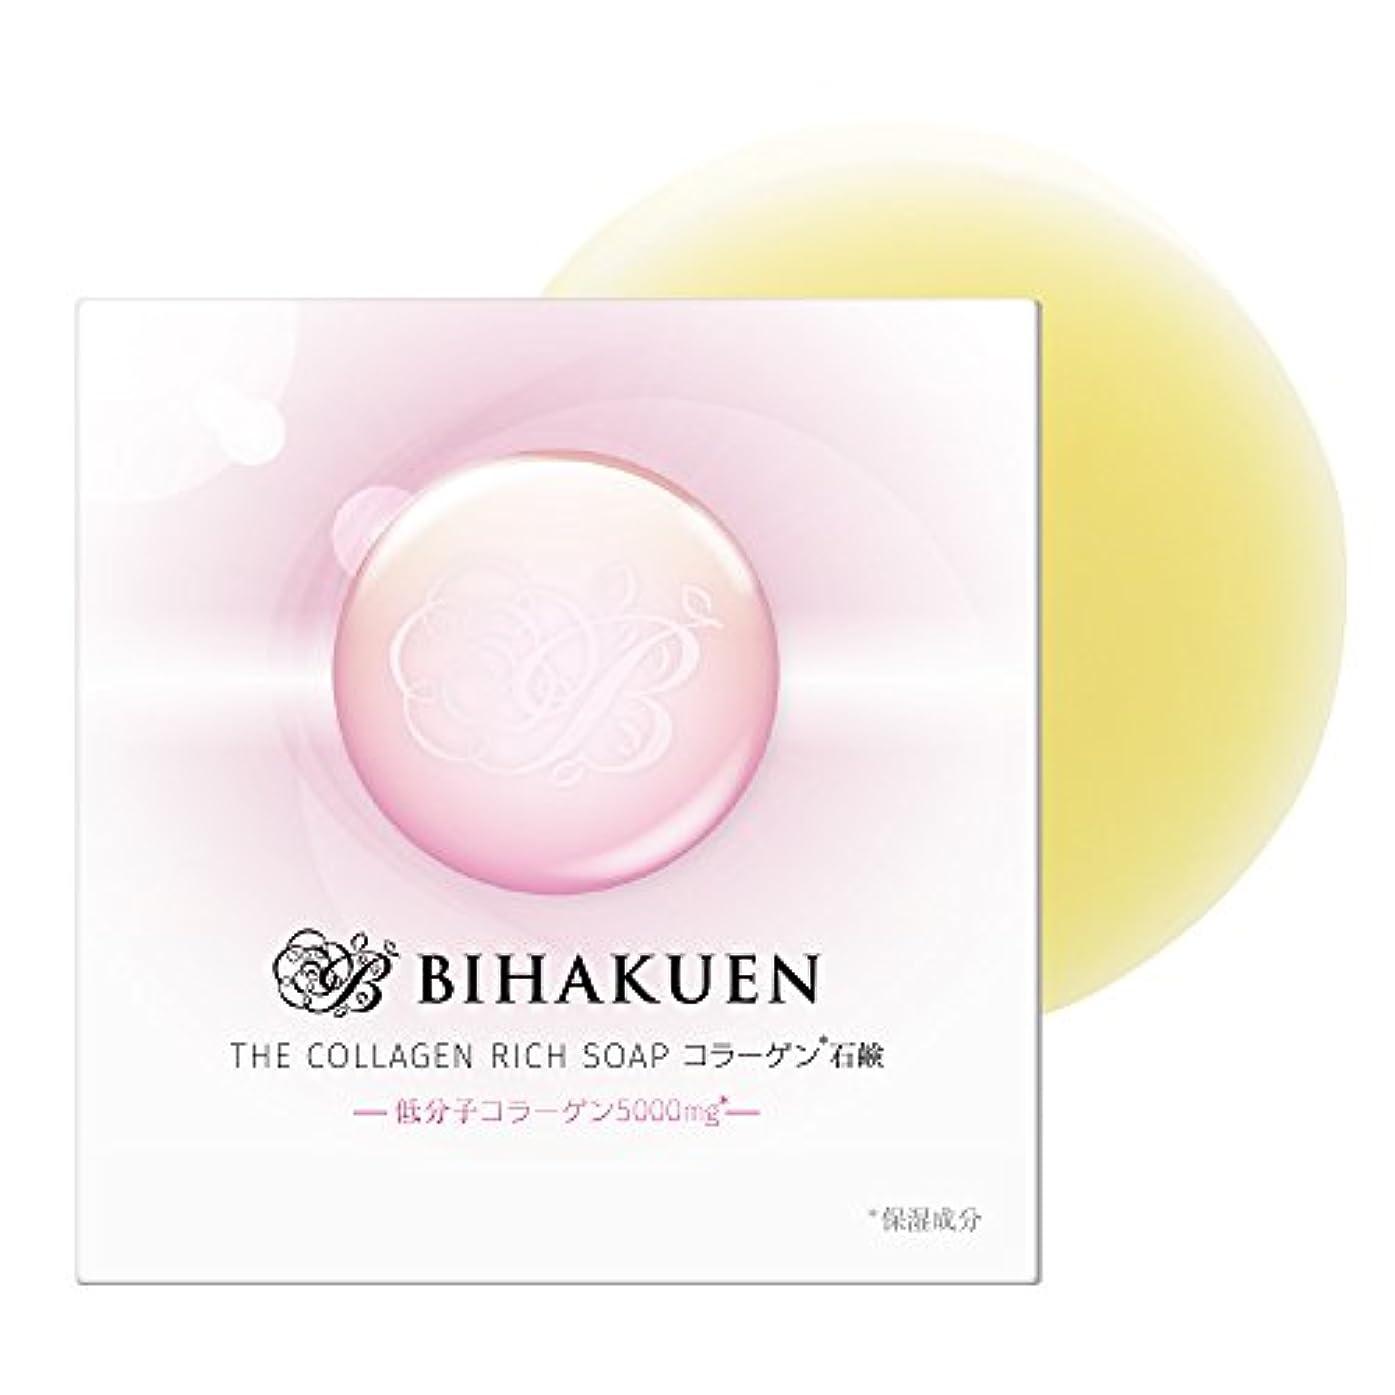 降雨頬骨日付付き(BIHAKUEN)コラーゲン石鹸100g (1個)